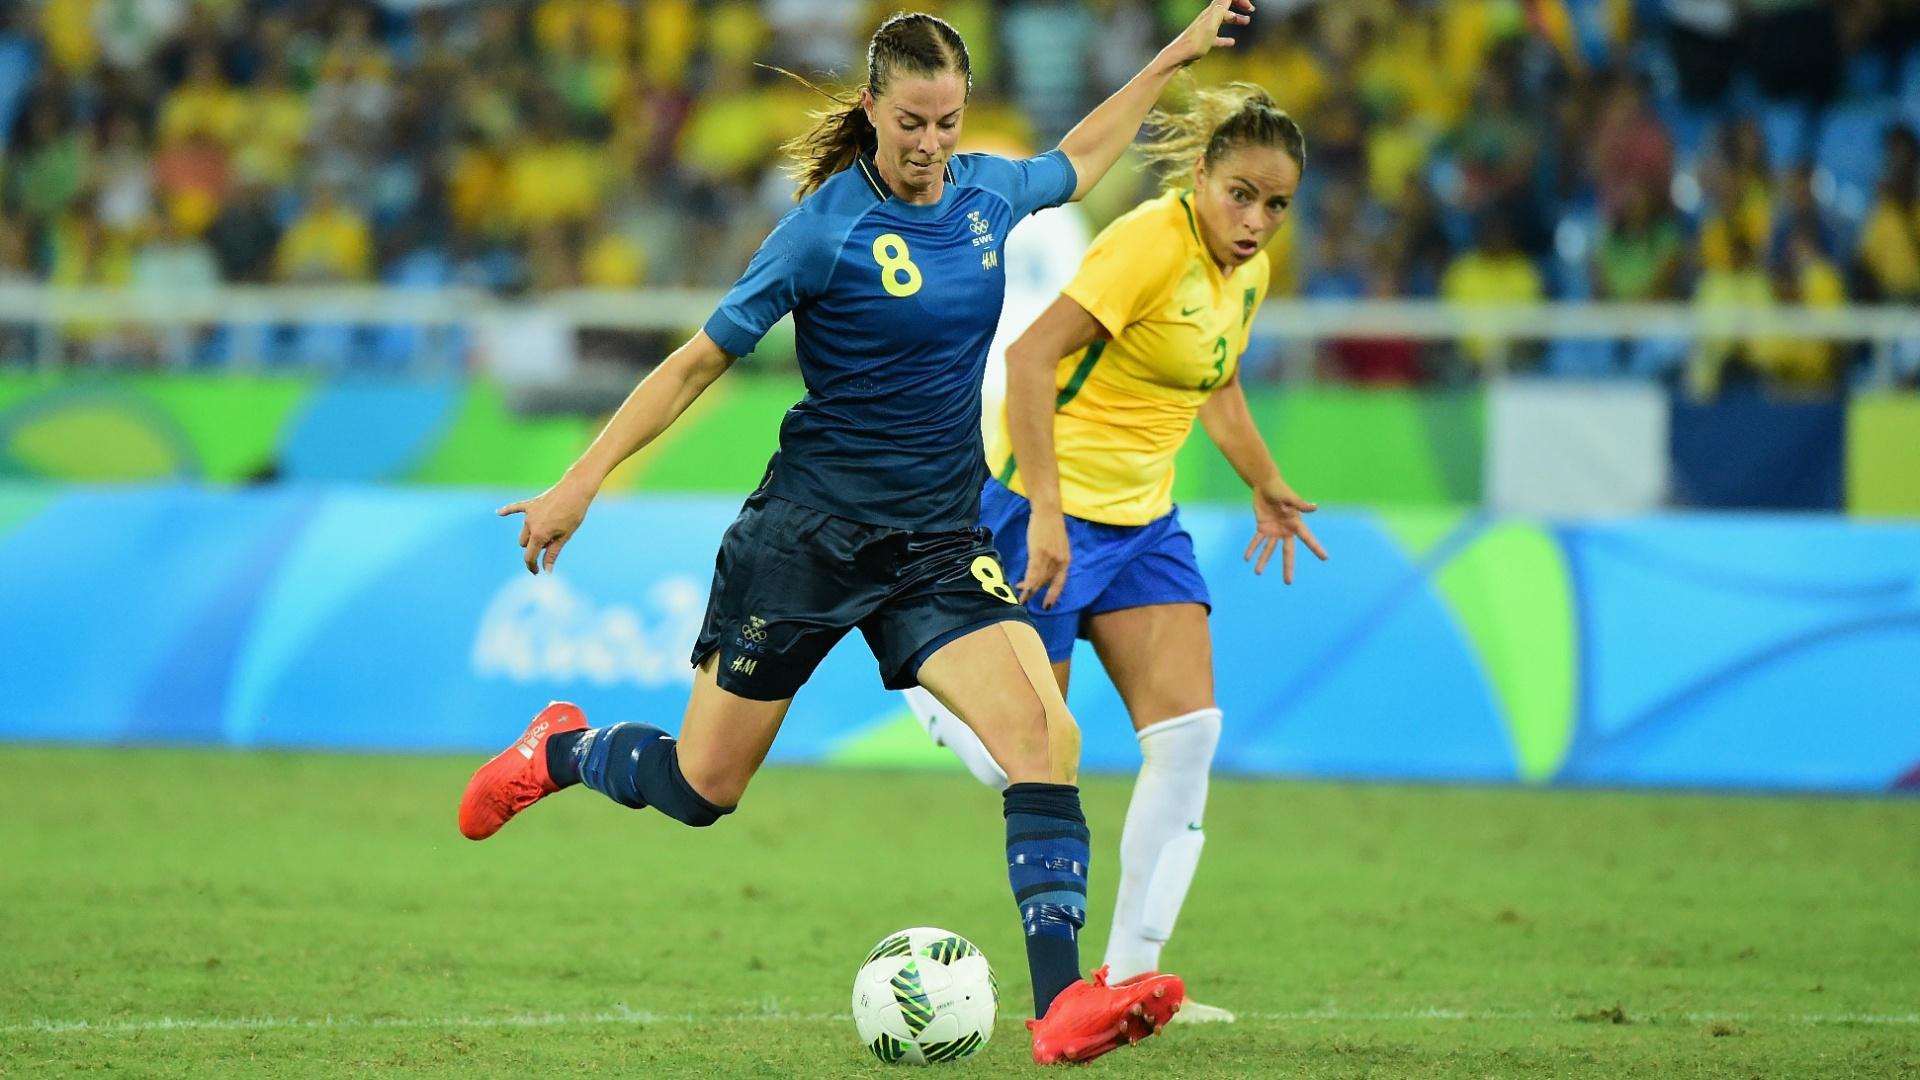 Lotta Schelin desconta para Suécia diante da seleção brasileira feminina de futebol